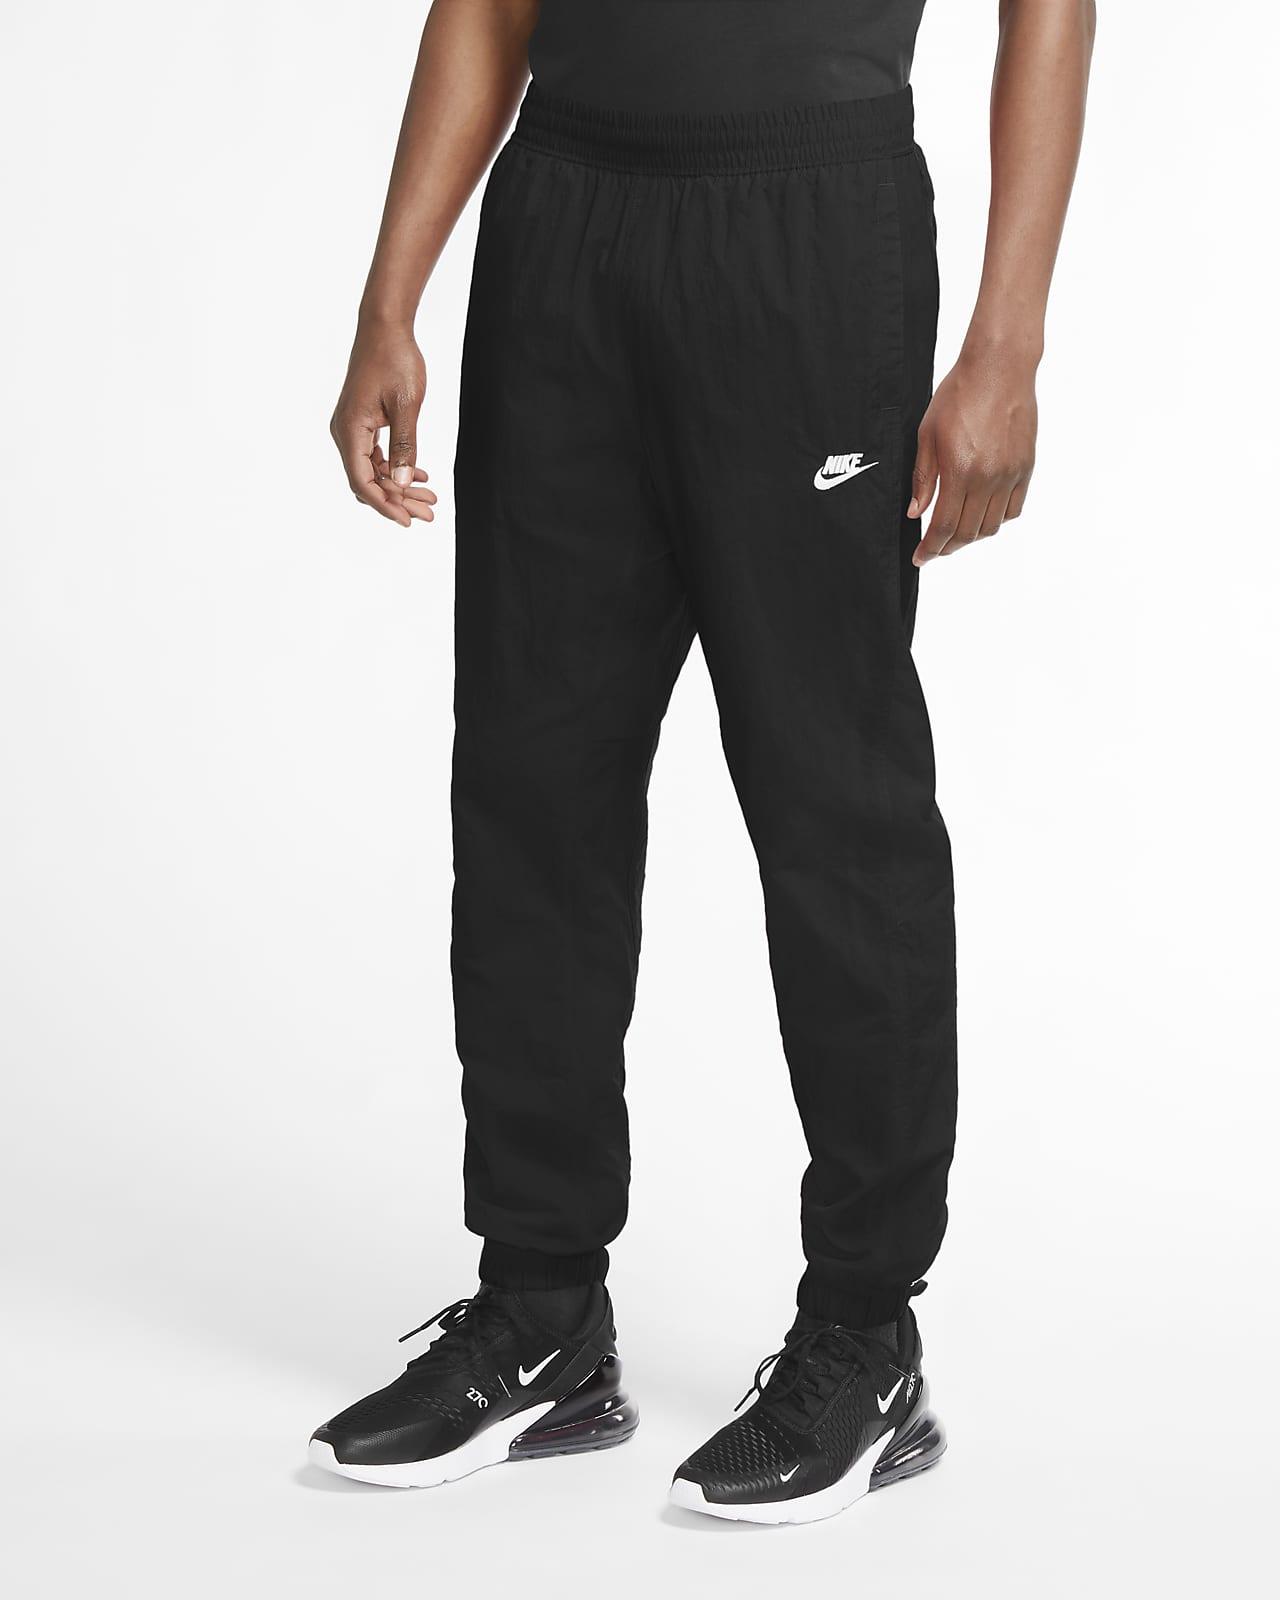 Nike Sportswear Men's Woven Tracksuit Bottoms